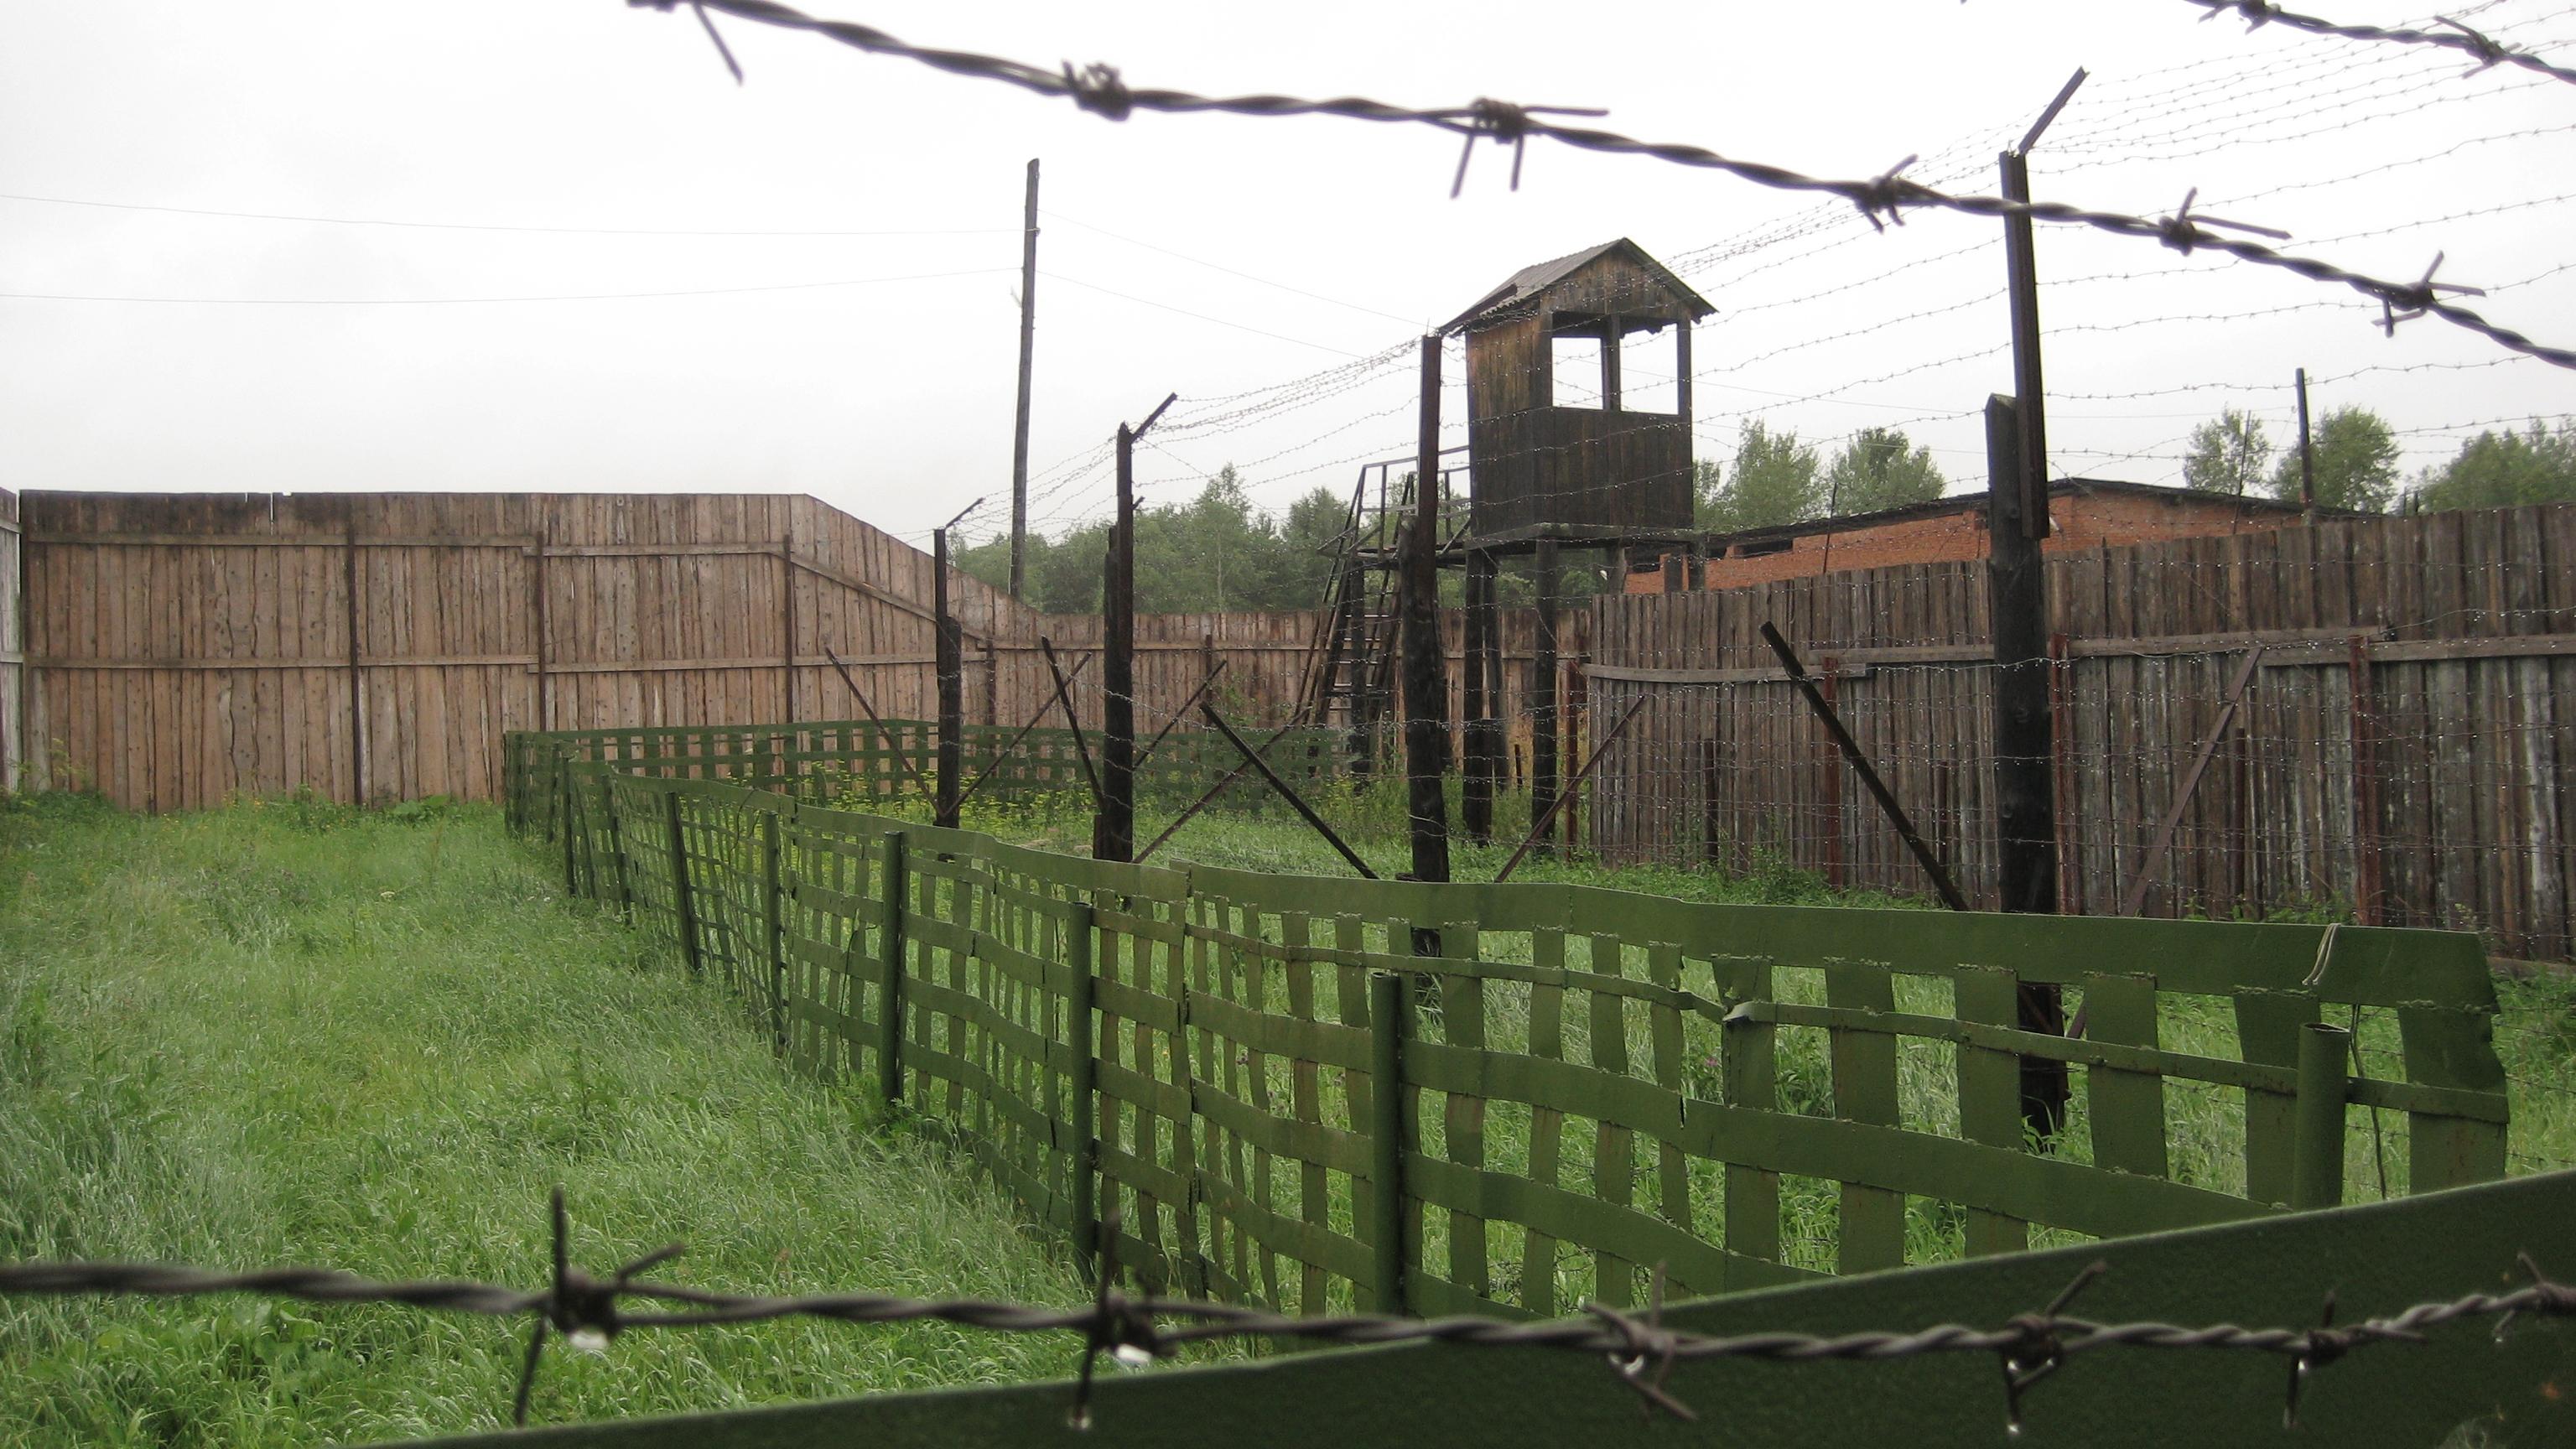 La violenza di stato nel Novecento: lager e gulag